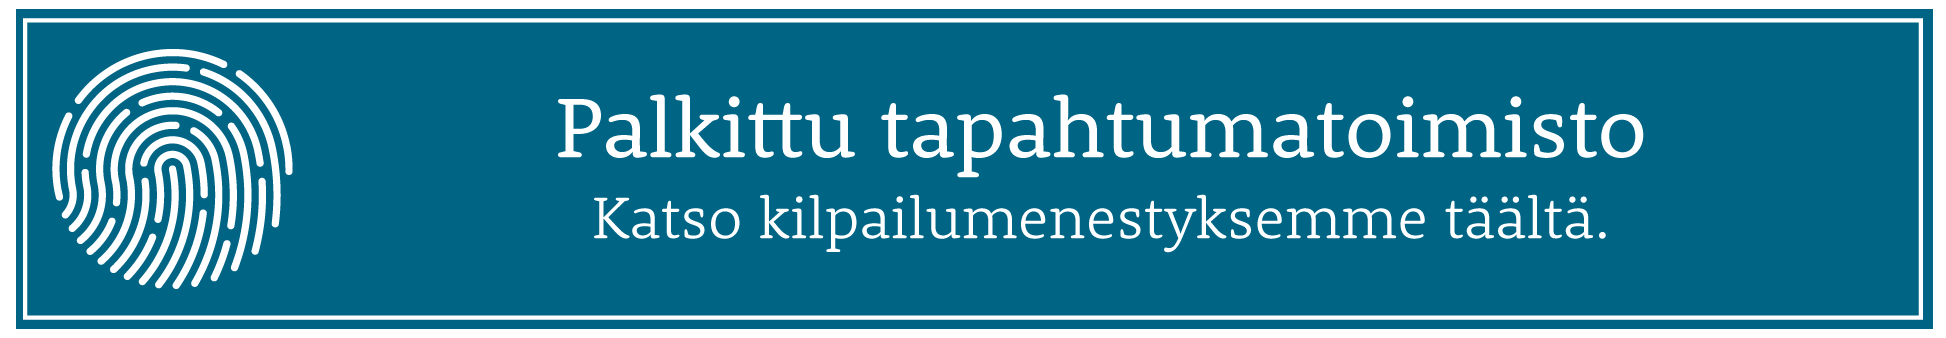 Palkittu_tapahtumatoimisto_etusivubanneri.png